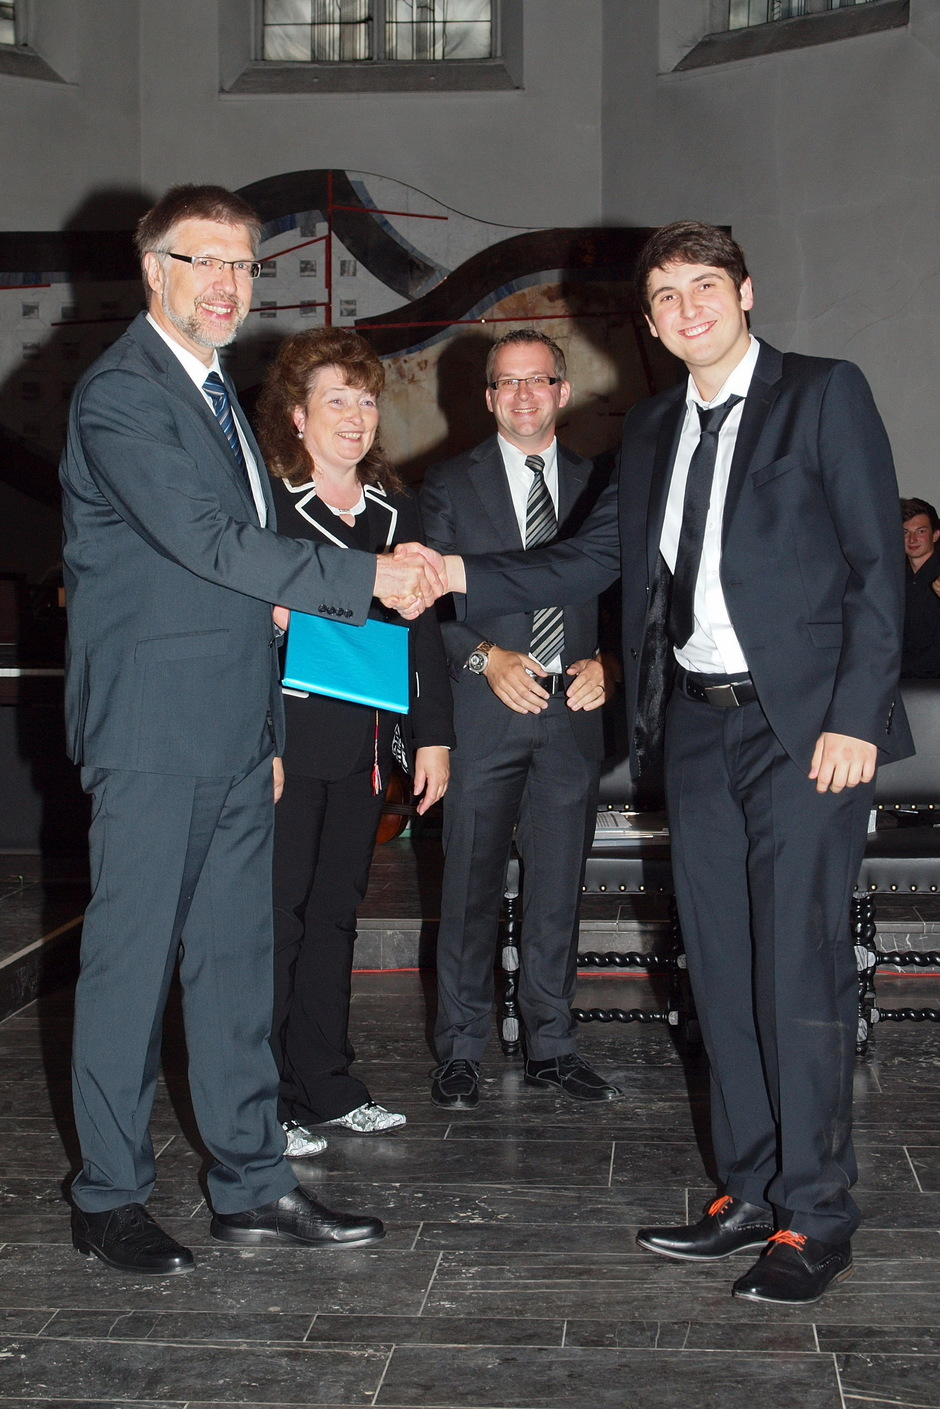 Das Ziel erreicht: Bei der Abiturfeier überreicht Schulleiter Christoph Barbier das Abiturzeugnis. Den Tutoren steht die Freude ins Gesicht geschrieben, unserem Abiturient der ganze Stolz. Gratulation und zugleich ein festes Versprechen: Wir bleiben über das HGG miteinander verbunden!